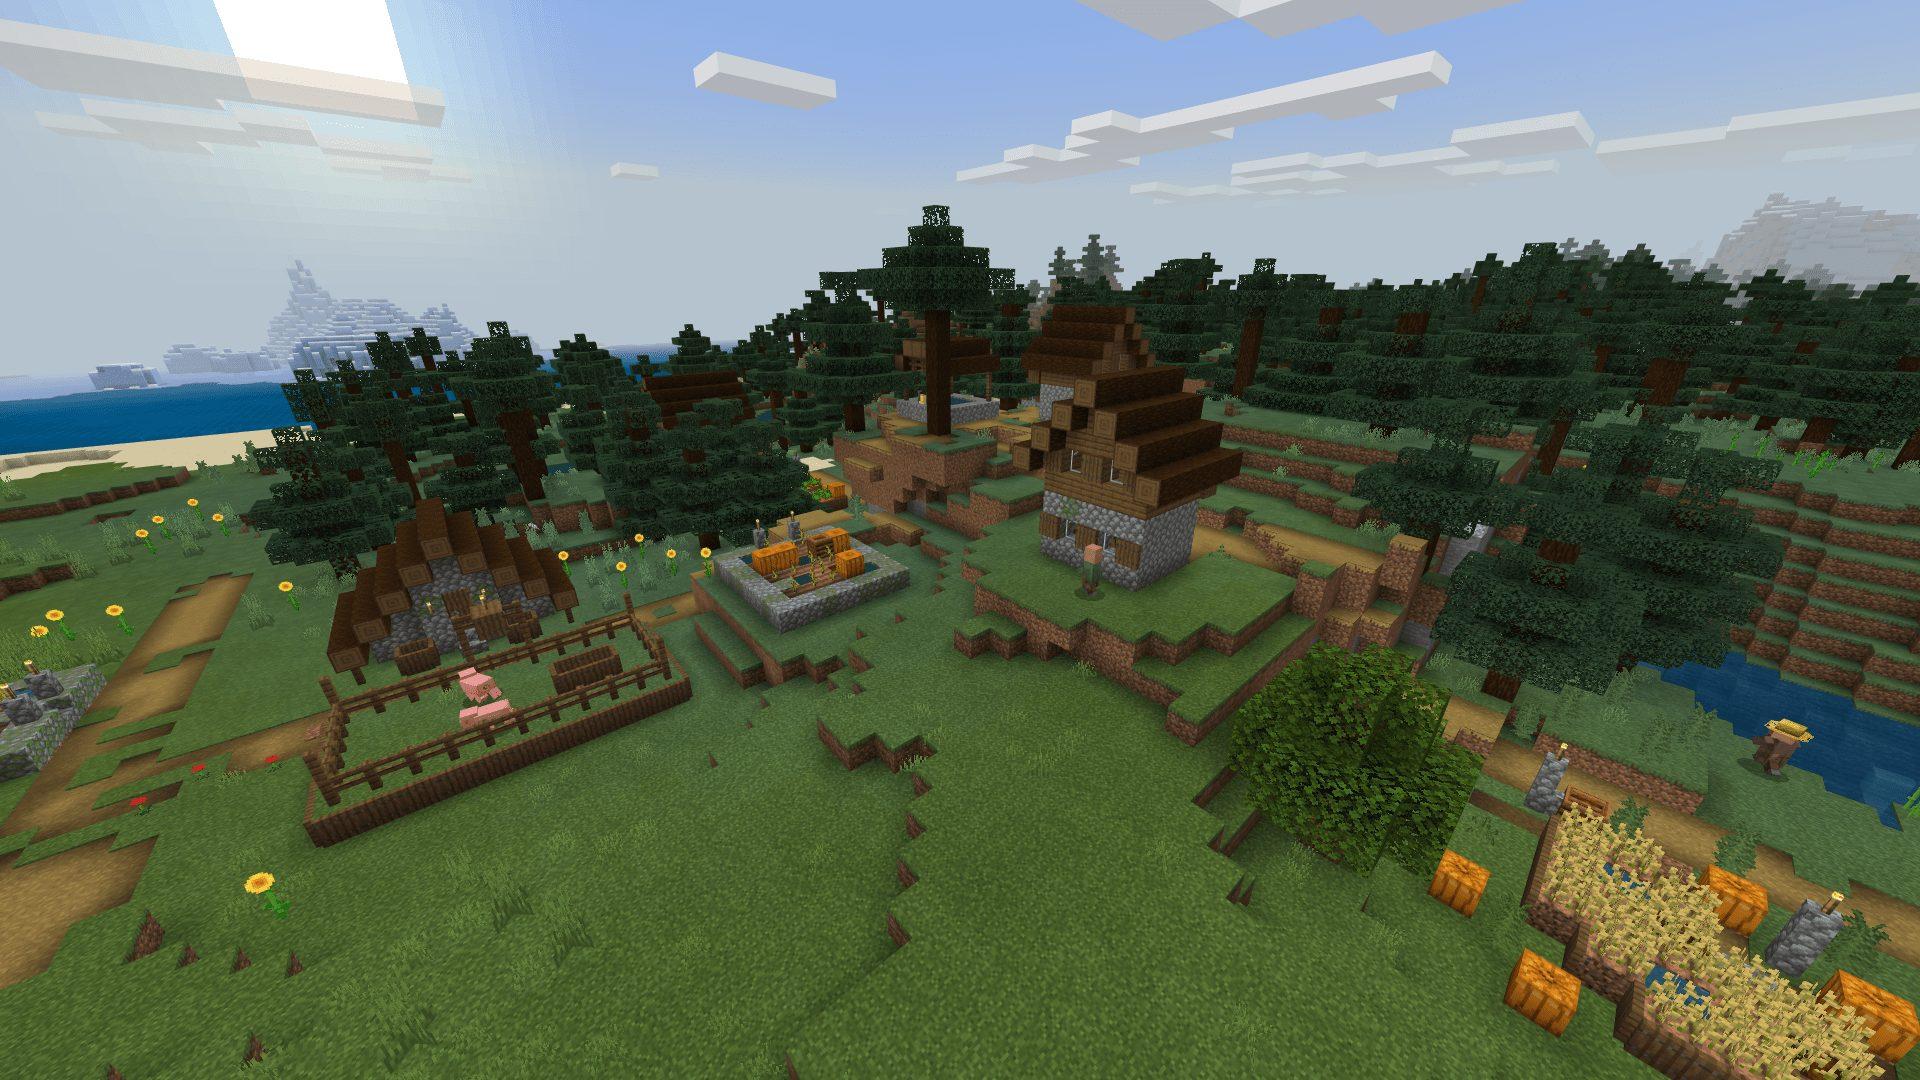 マインクラフト統合版BEの攻略!村を見つけよう!